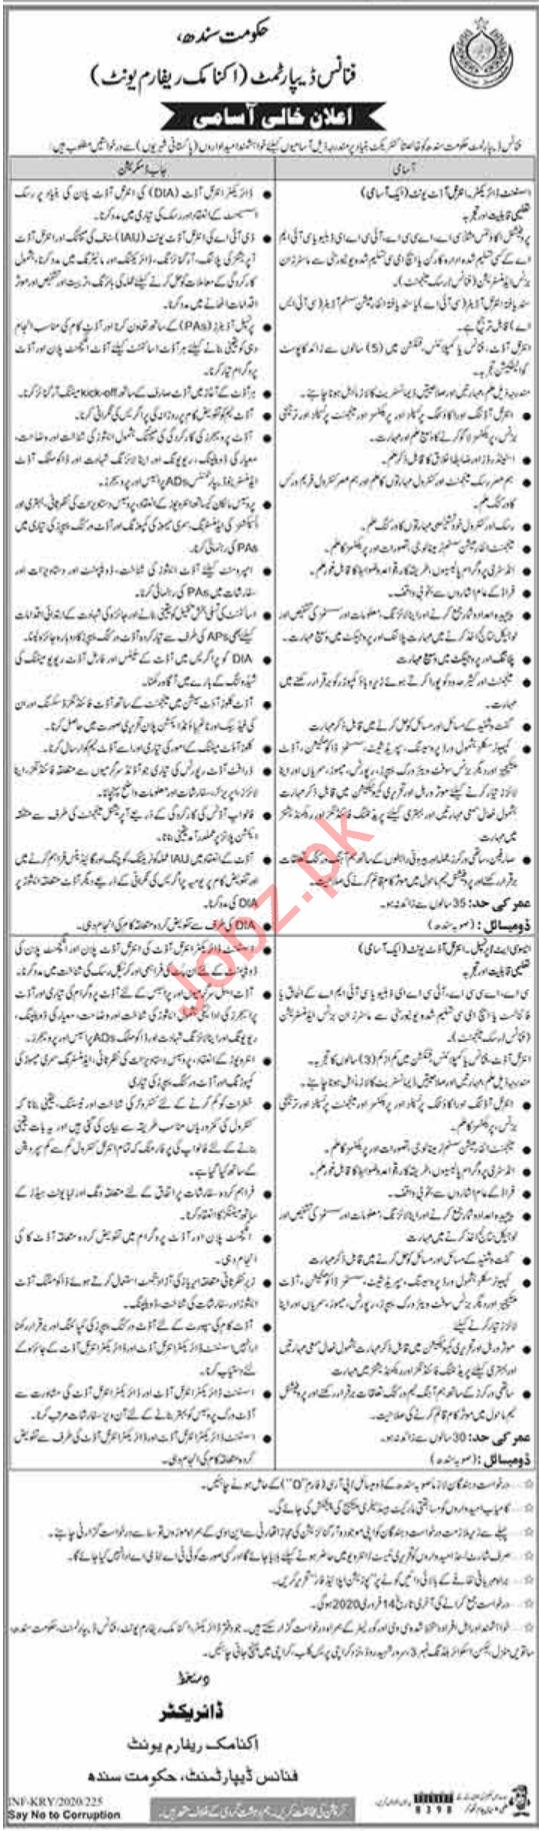 Economic Reform Unit Sindh Jobs 2020 for Directors